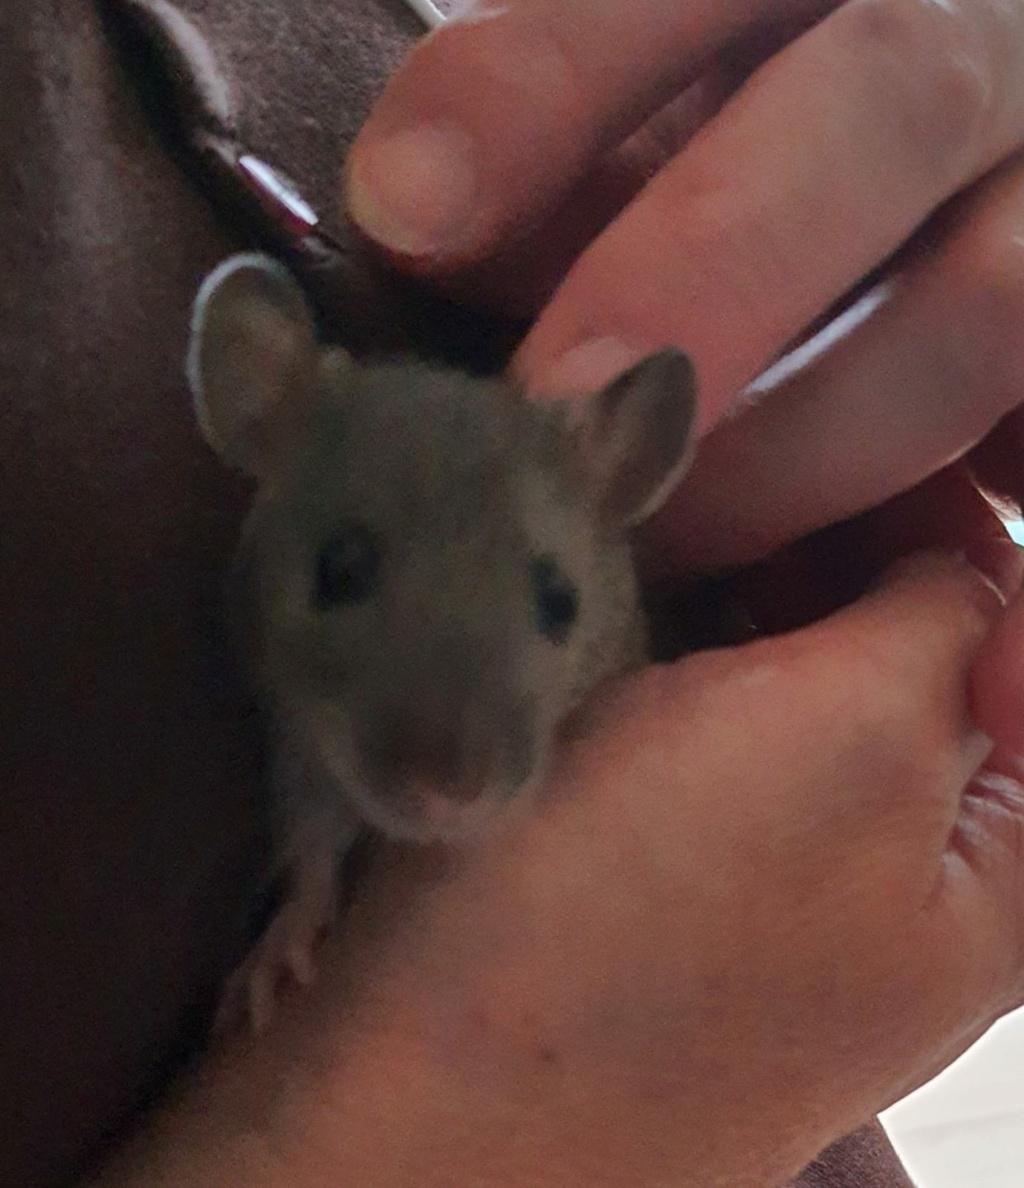 BORDEAUX et environs : Bébés semi sauvages à l'adoption!!! - Page 8 Img-2011